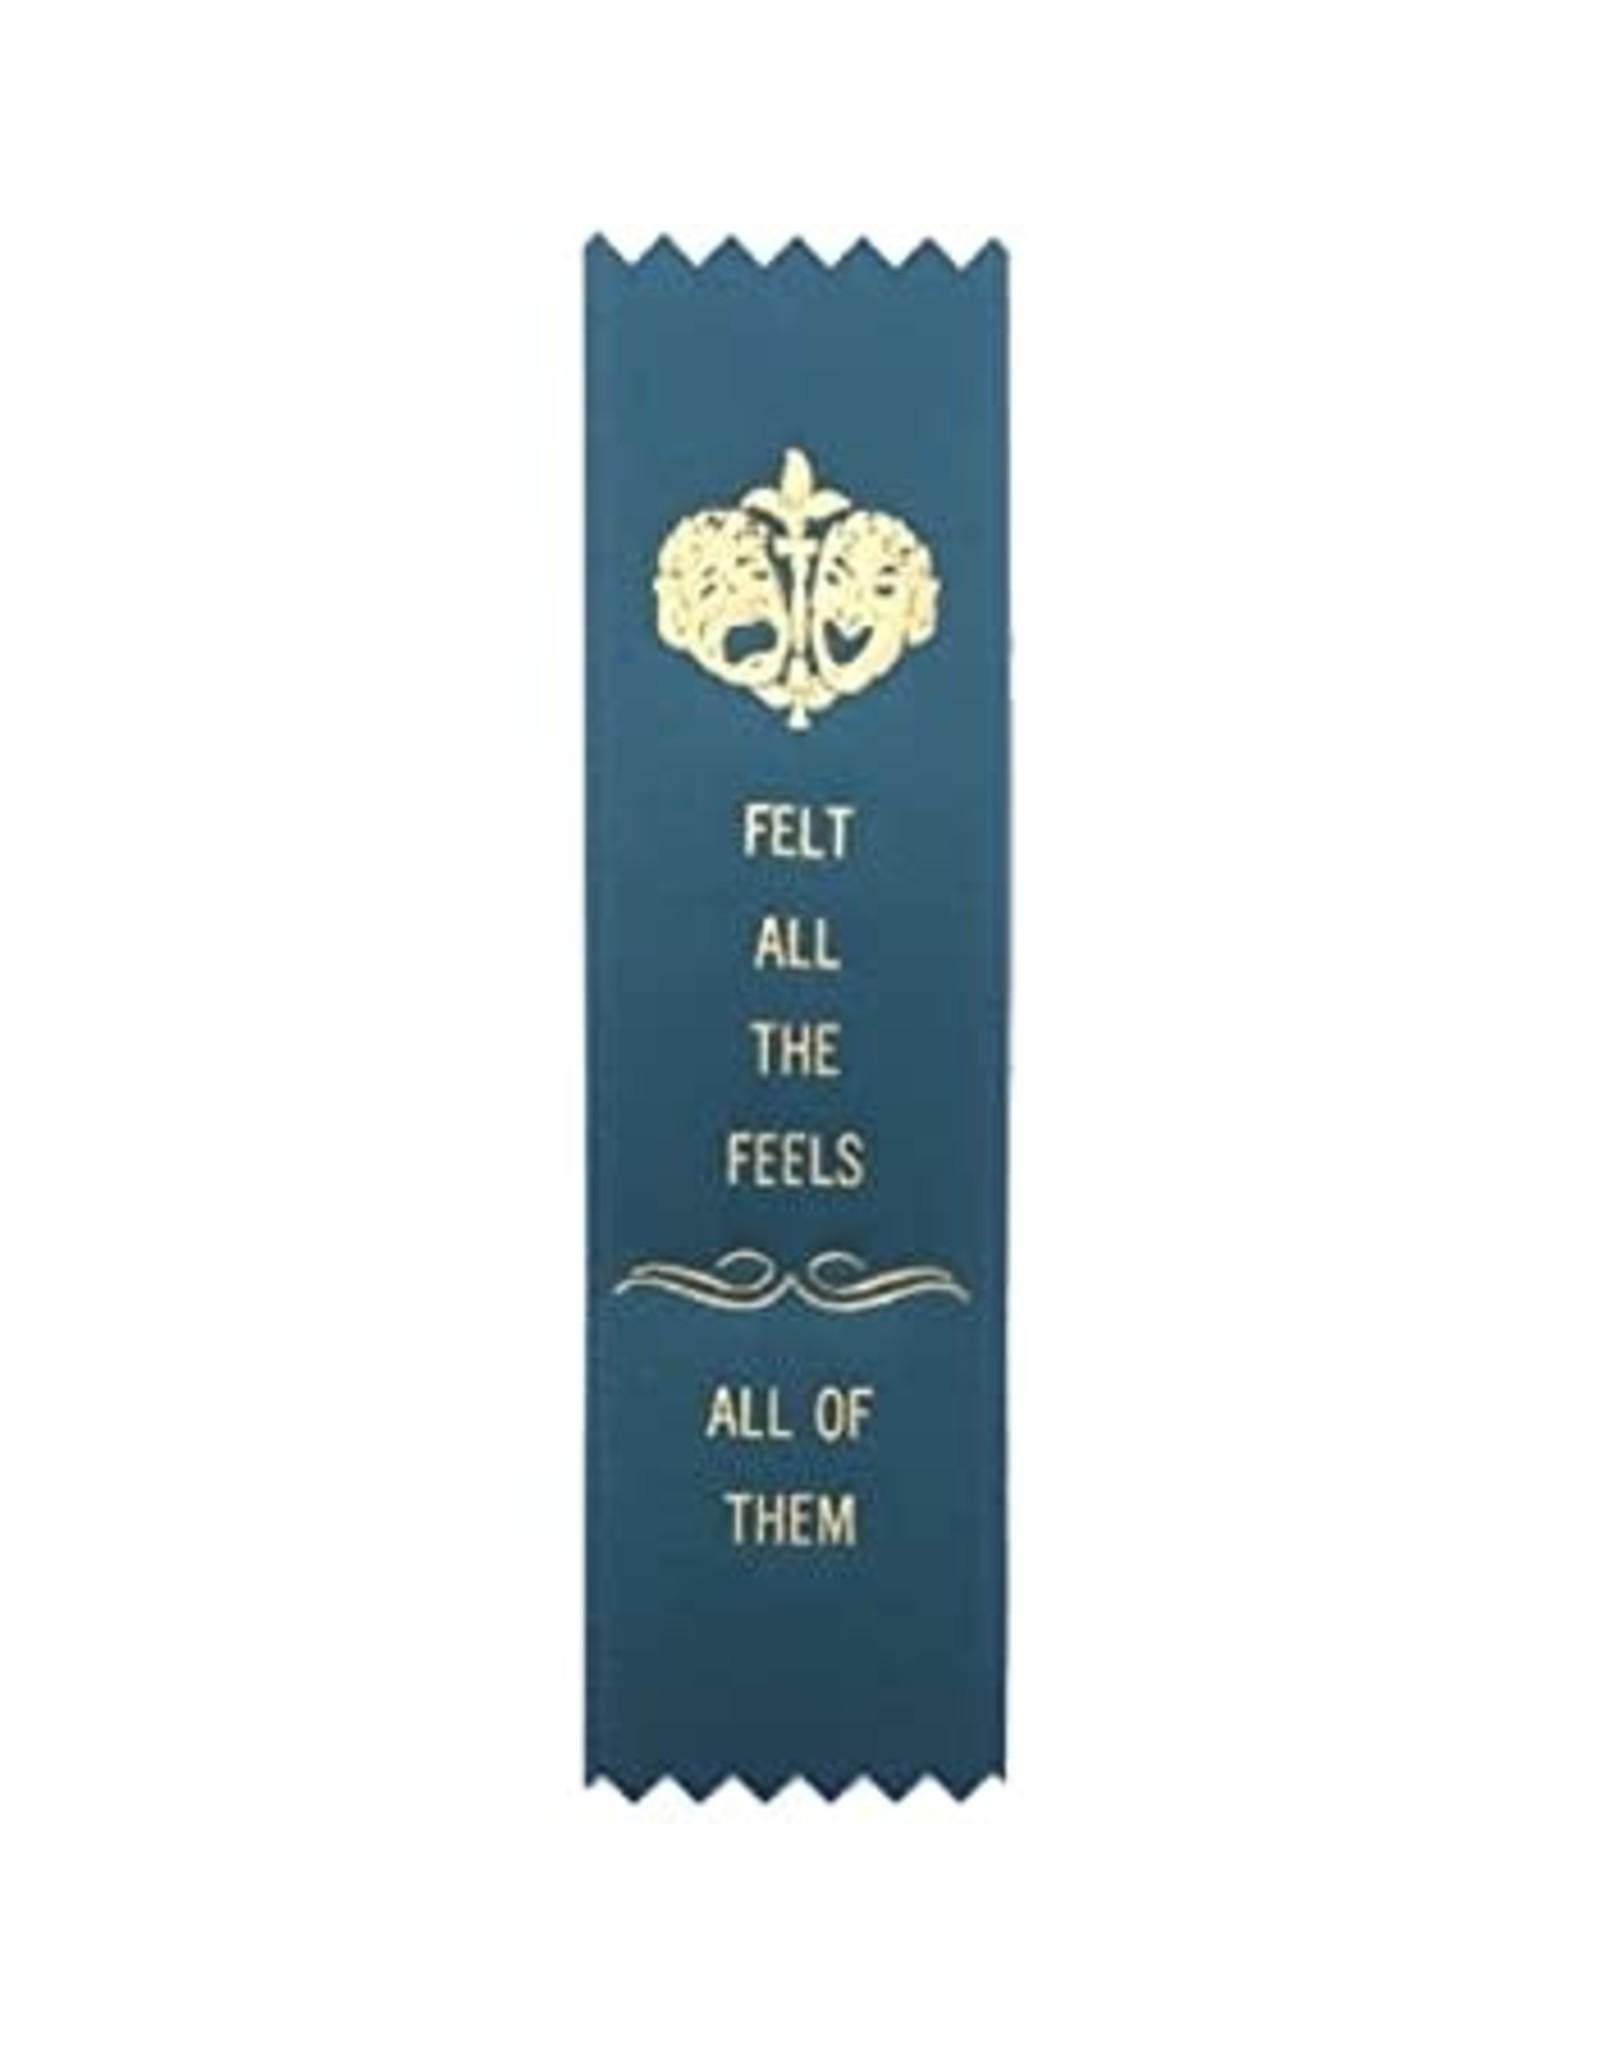 Adulting FTW Ribbon - Felt All the Feels